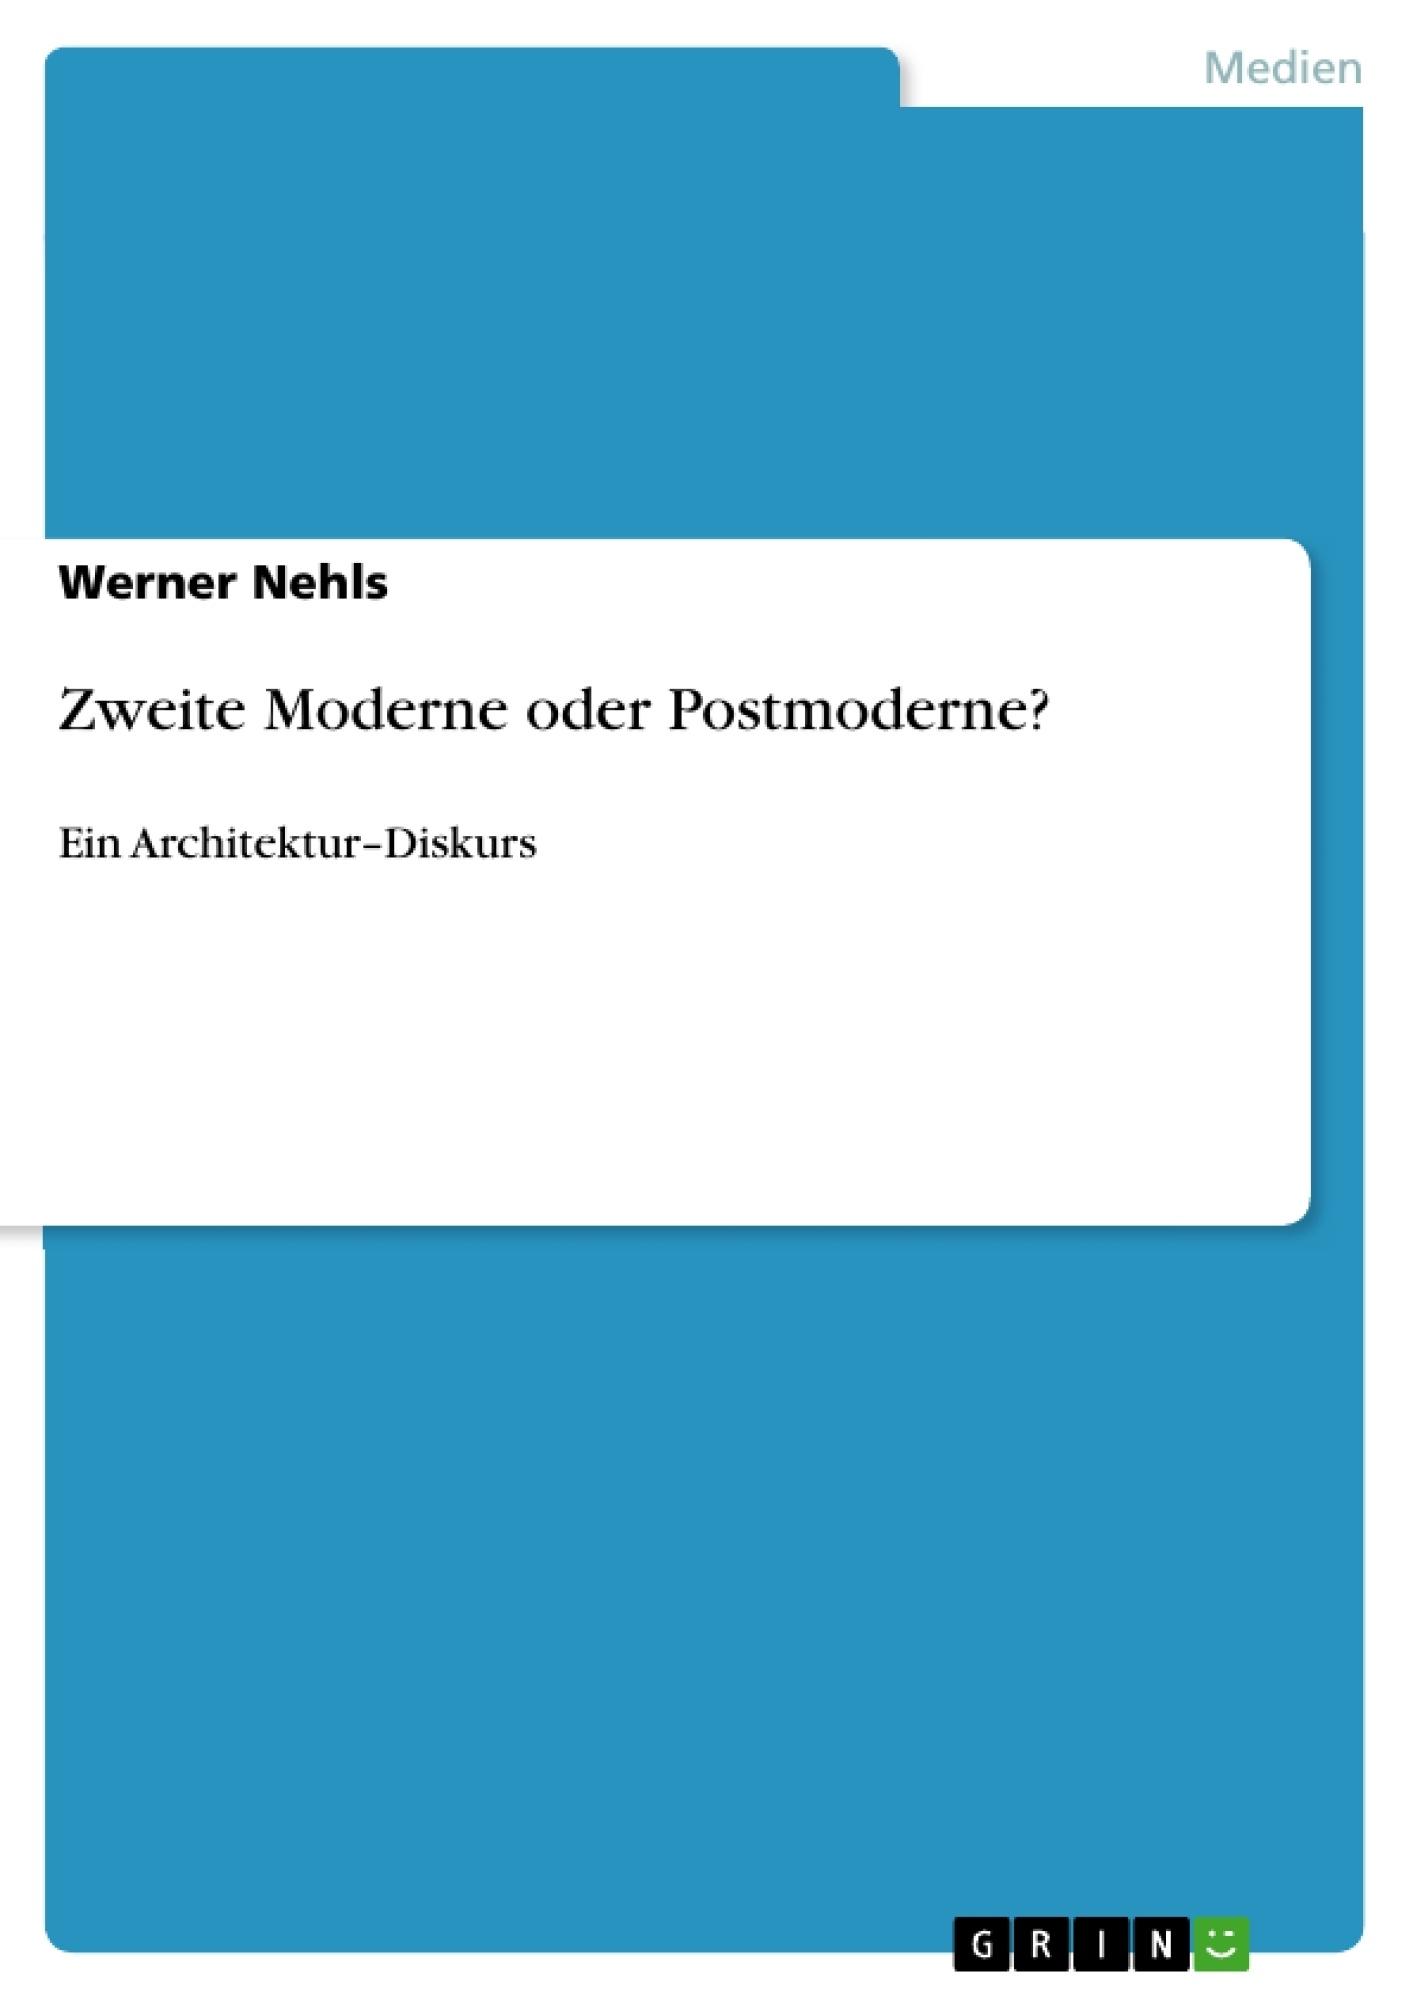 Titel: Zweite Moderne oder Postmoderne?